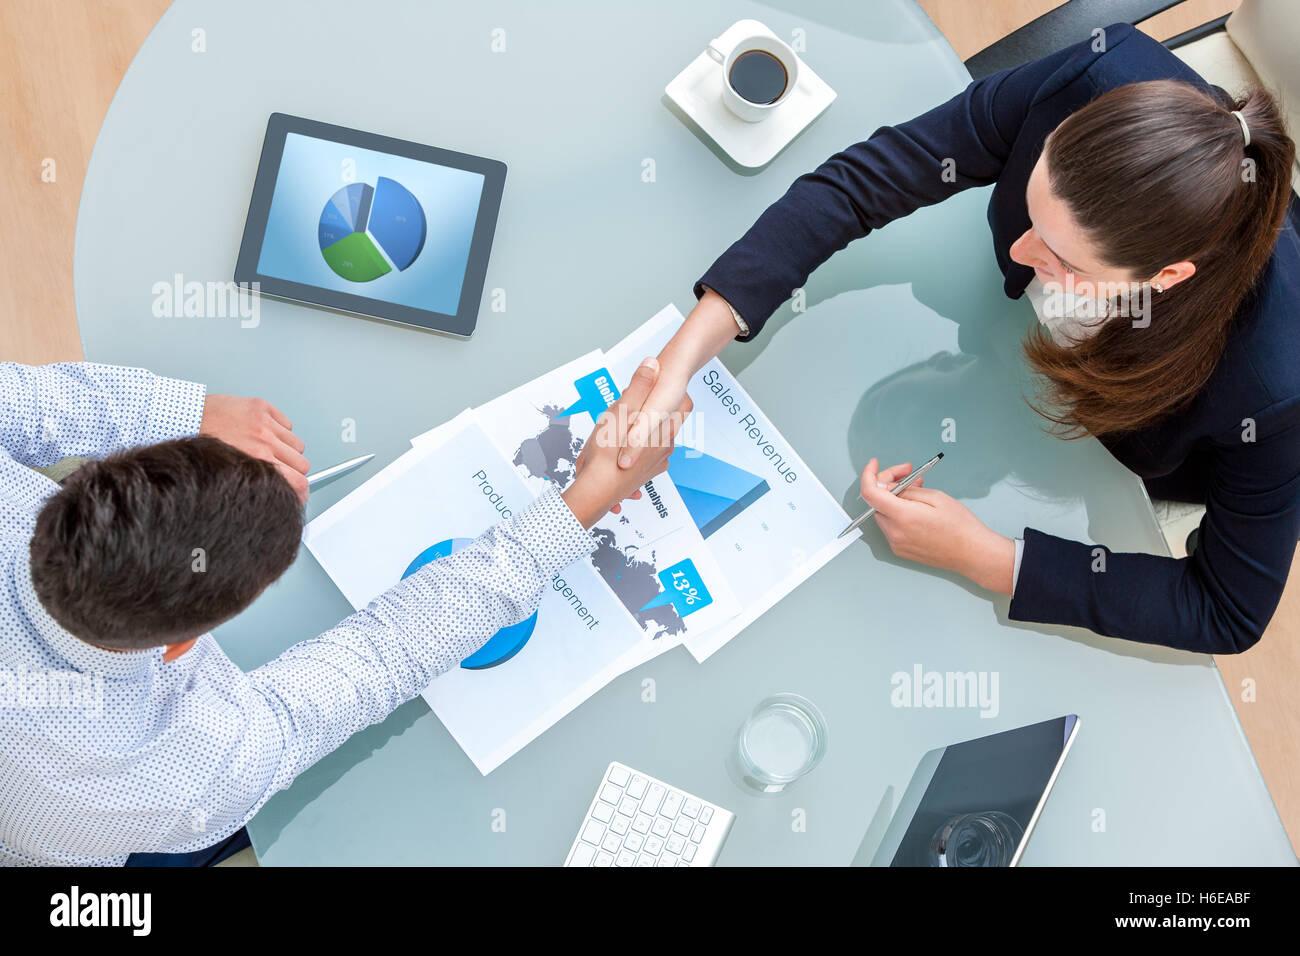 Draufsicht der jungen Geschäftspartner Händeschütteln auf viel am ...